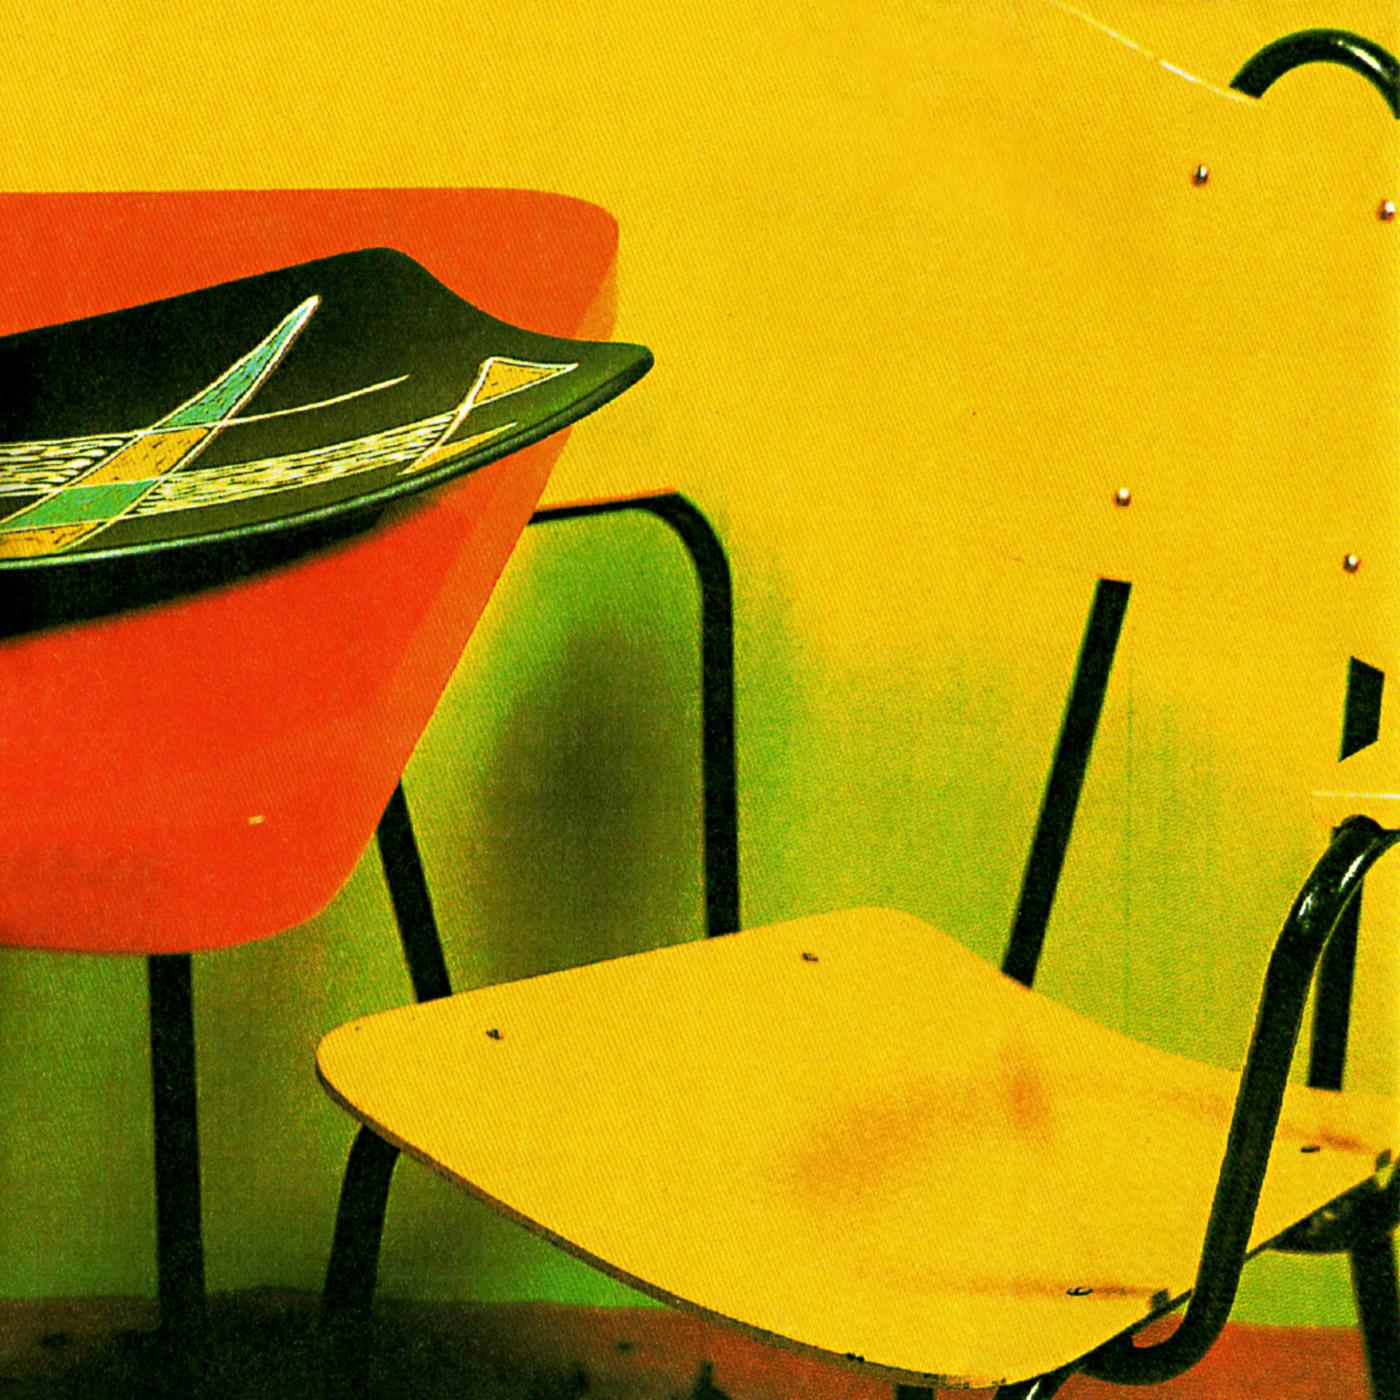 Brige (ブリッジ) ベスト・アルバム『The Best of Trattoria Years (ベスト・オブ・トラットリア・イヤーズ)』(1995年7月26日発売) 高画質CDジャケット画像